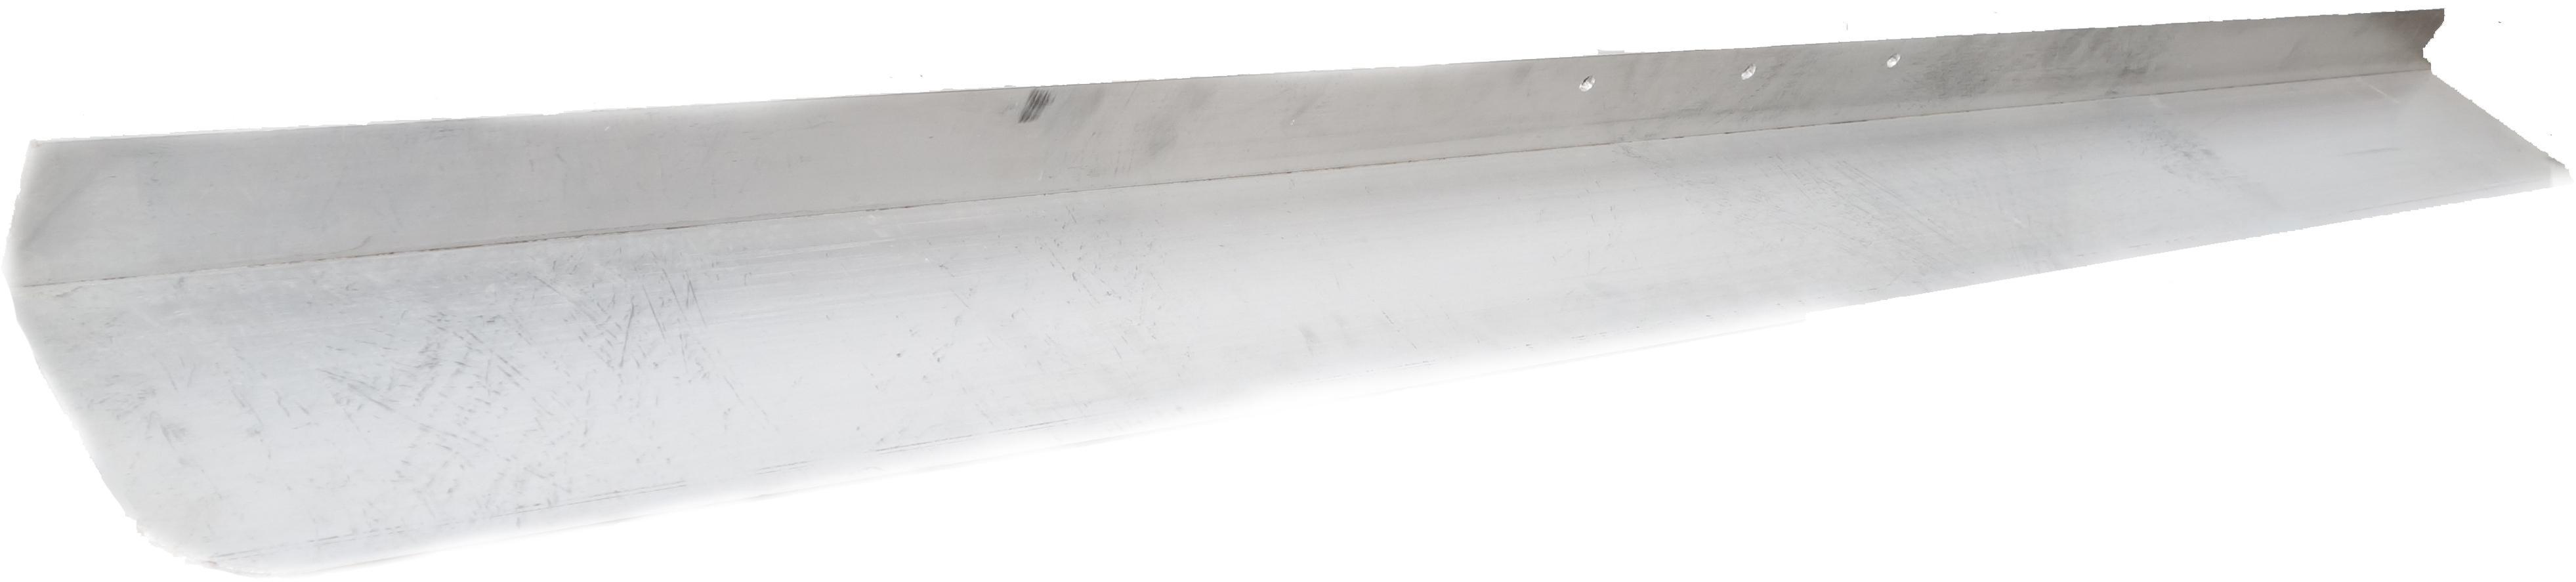 Фото - Профиль для виброрейки ВИБРОМАШ ВПТ1804015 привод бензиновый caiman csvh e для виброрейки поставляется без рейки арт csvh e